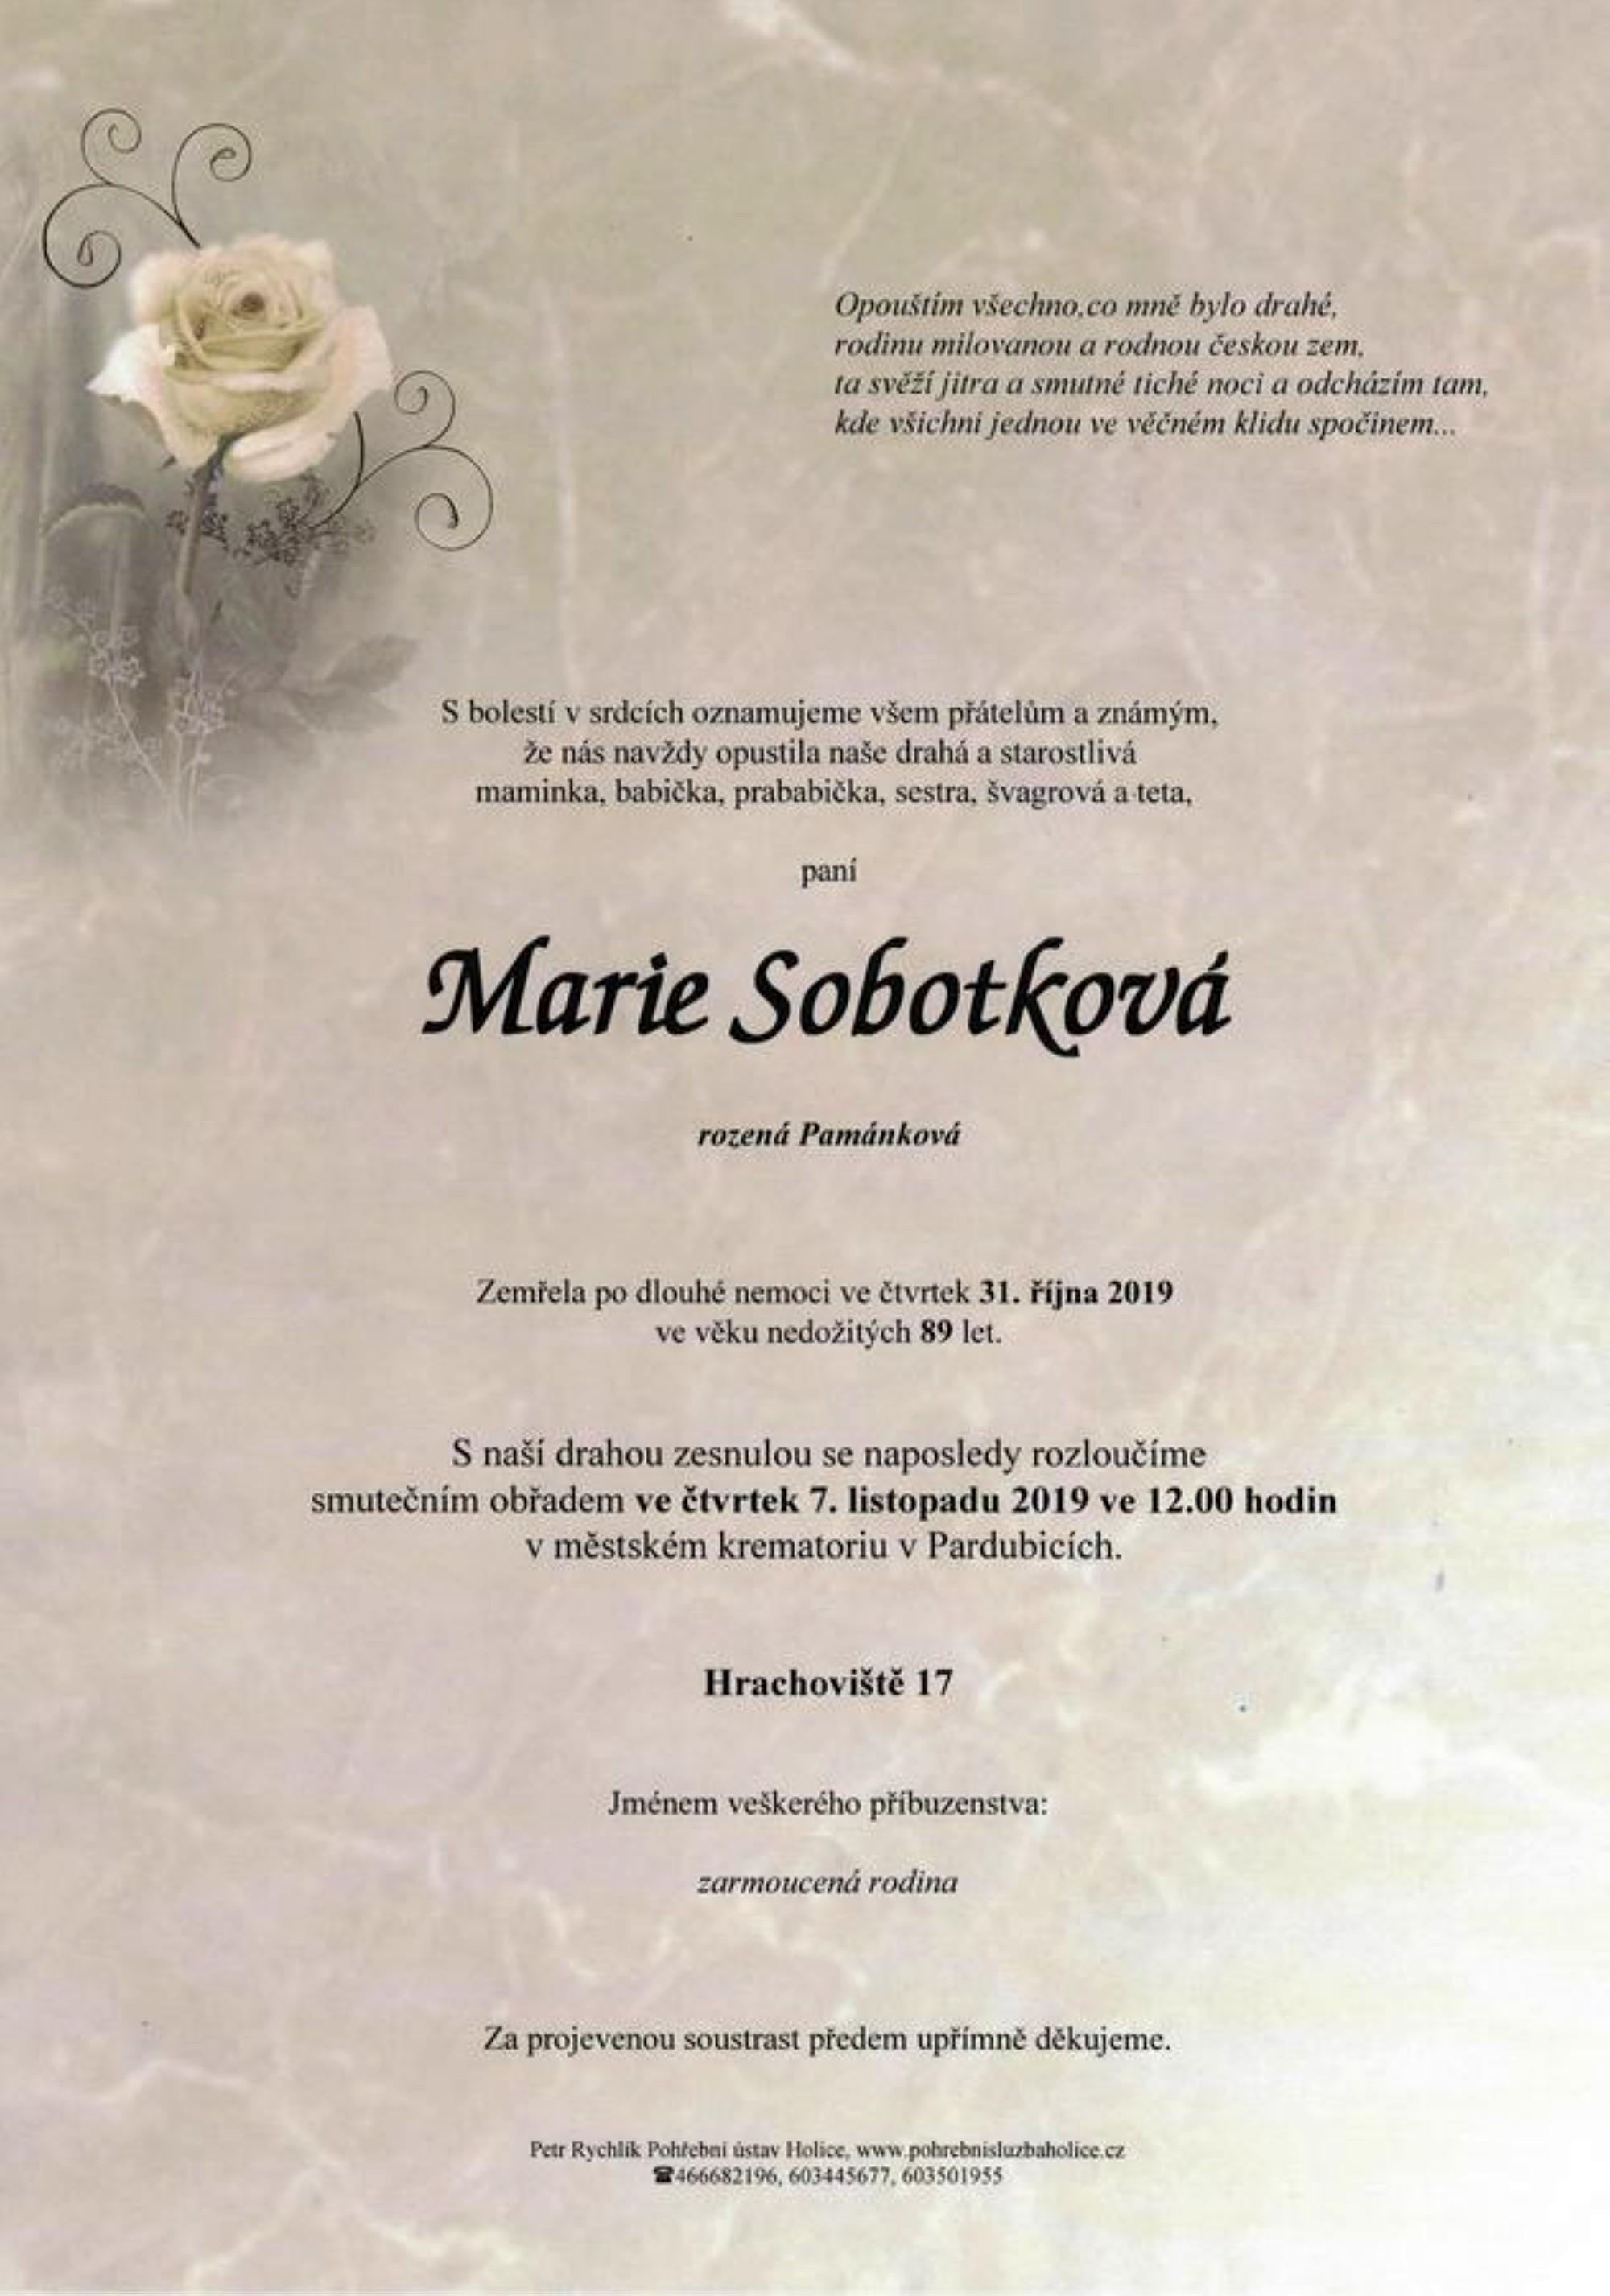 Marie Sobotková